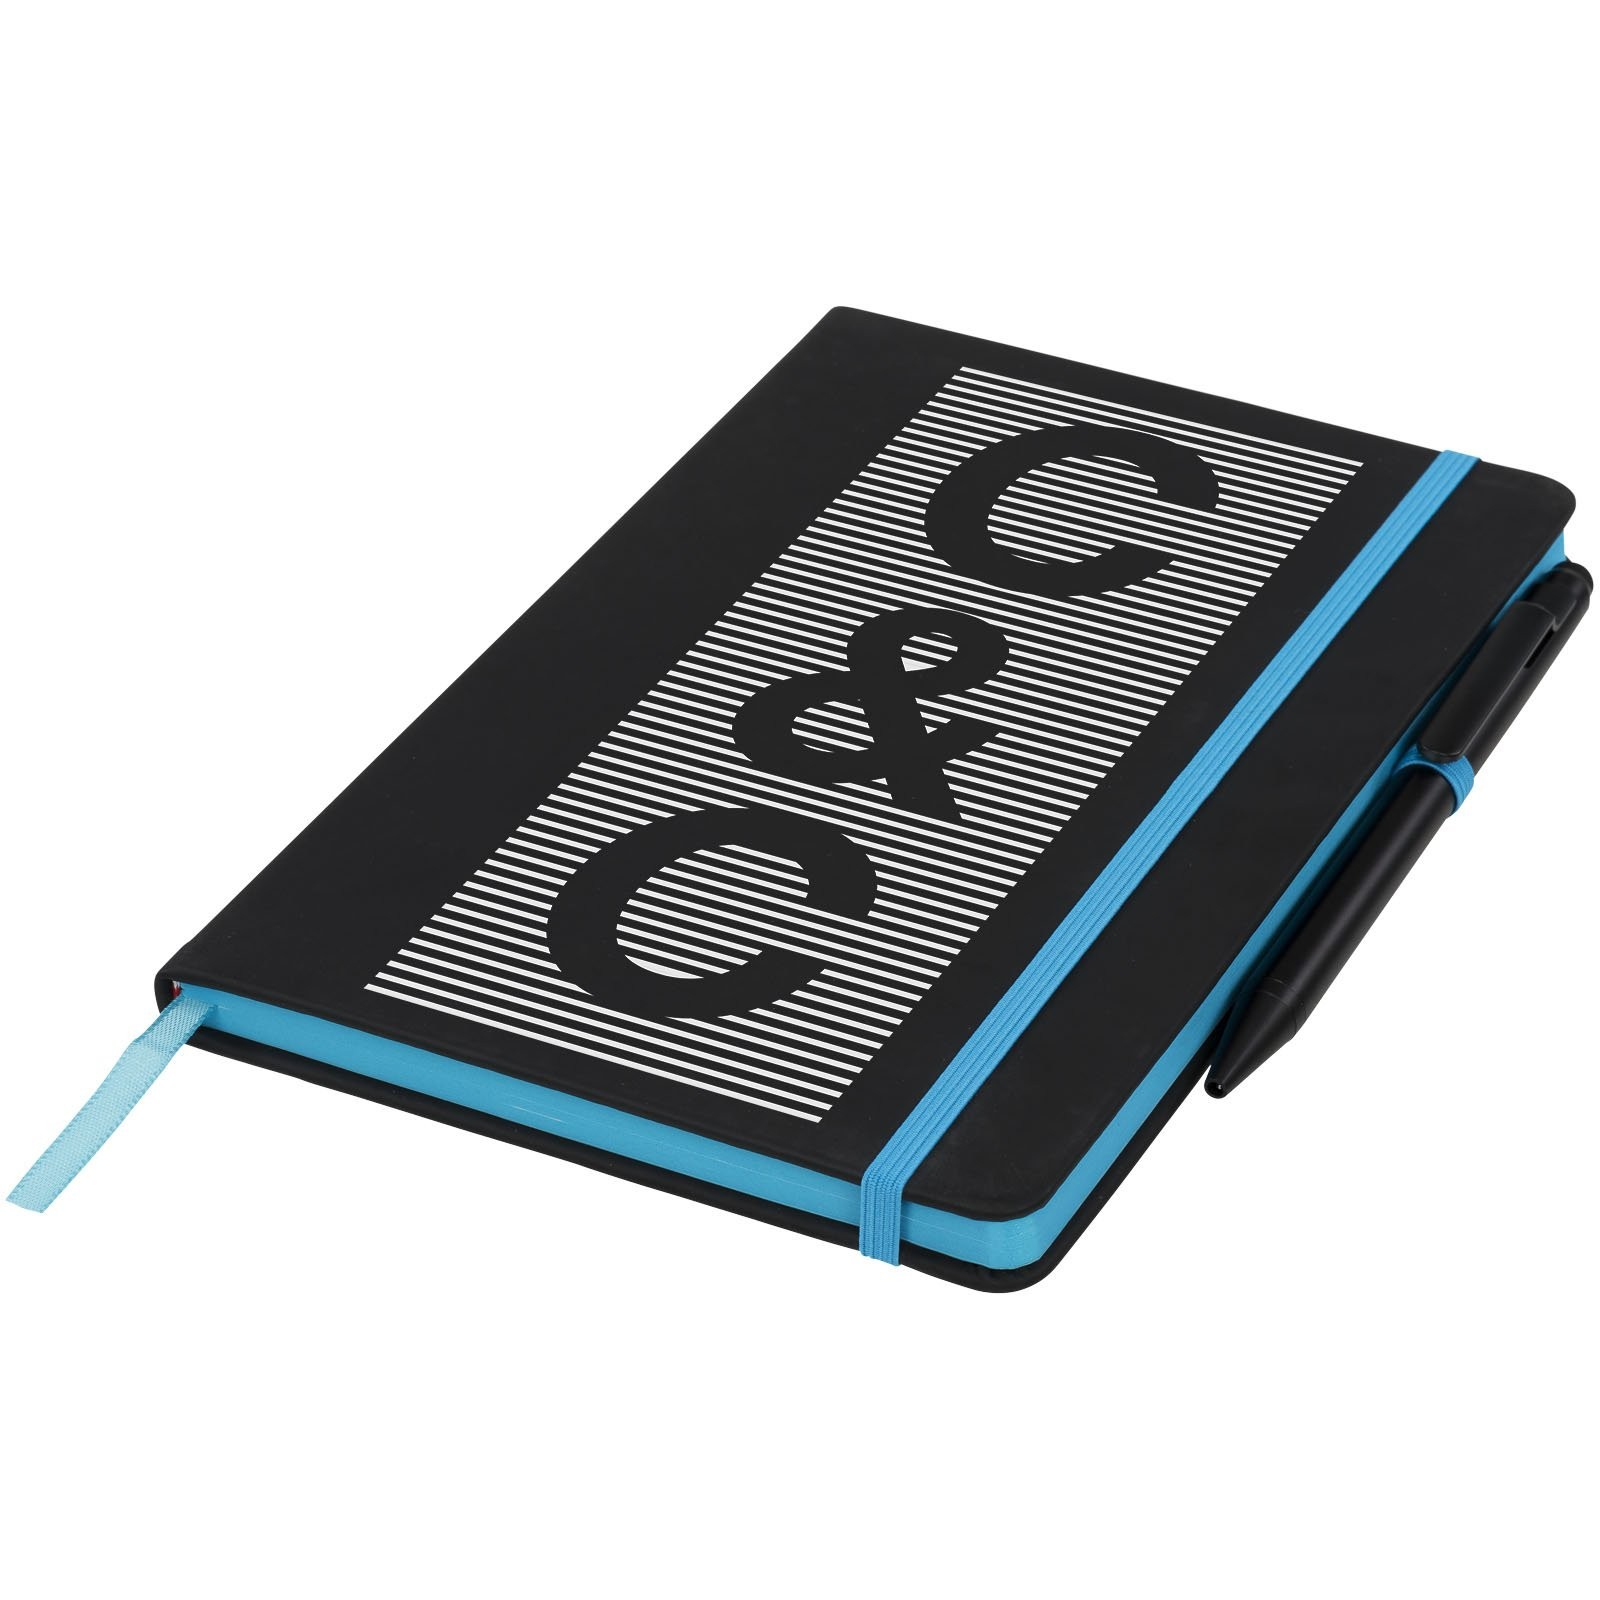 A5 schwarzes Notizbuch mit farbigem Rand, Ansicht 3